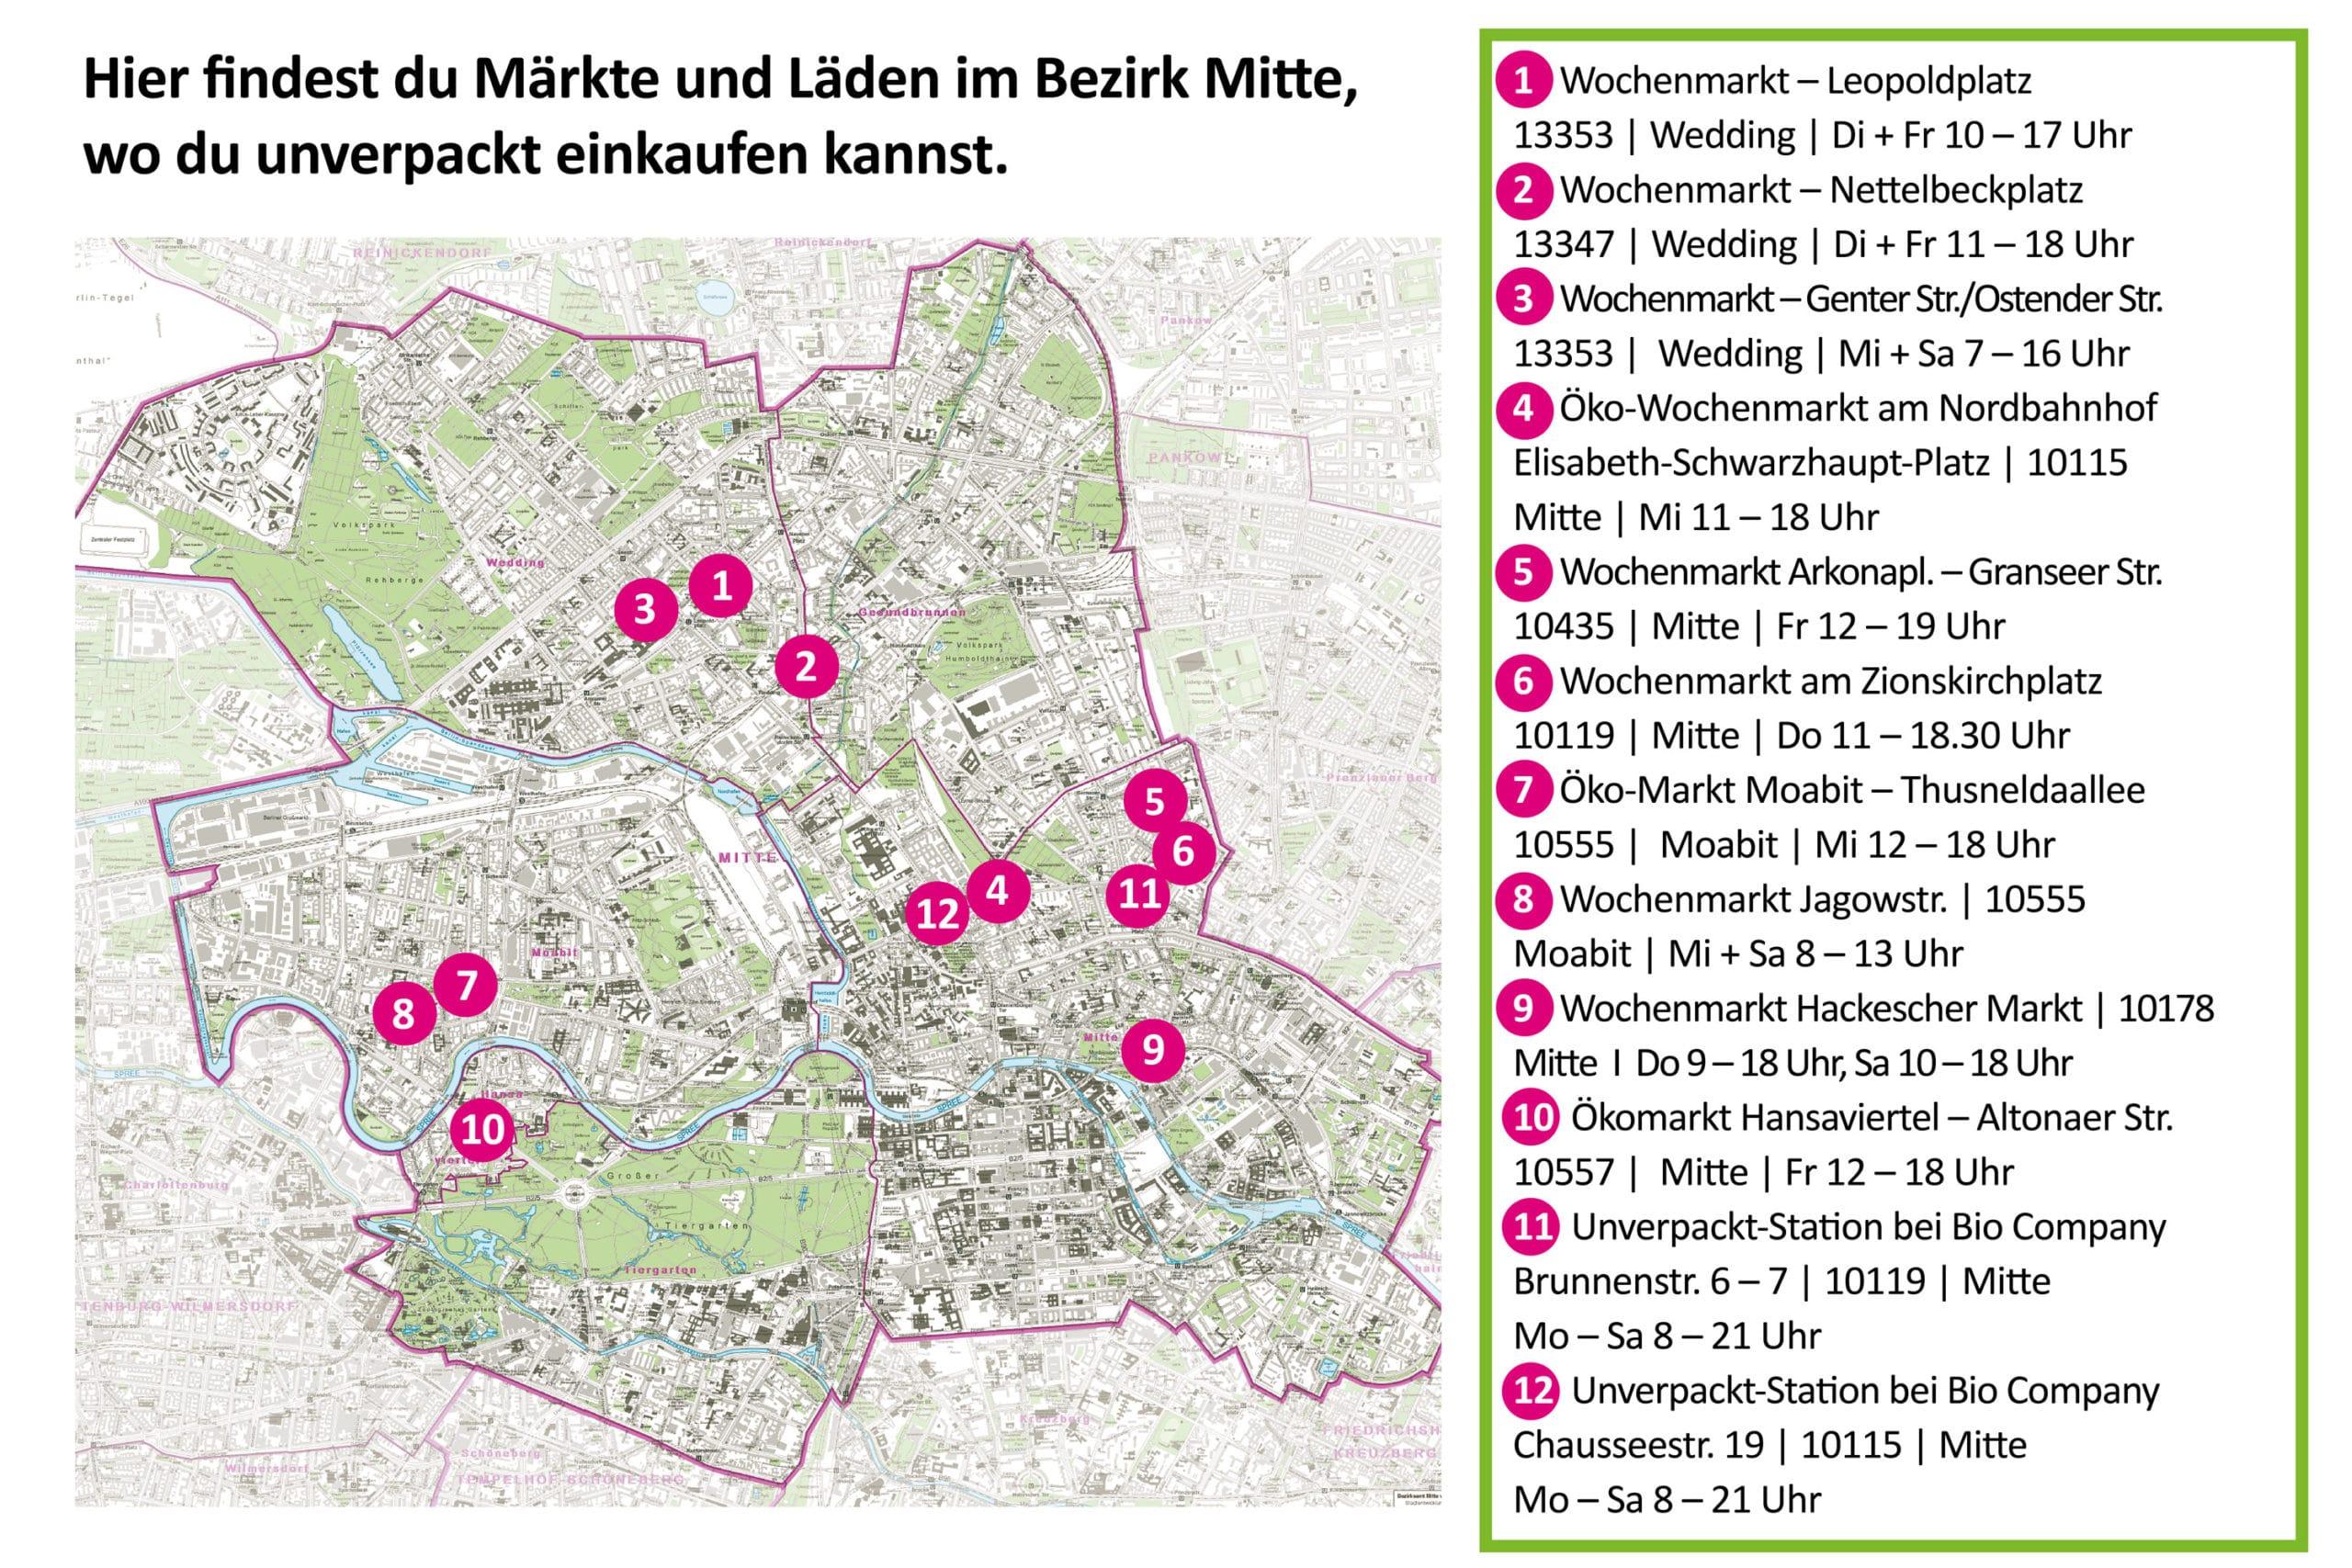 Unverpackt Läden im Bezirk Mitte, Umweltpaket Berlin-Mitte